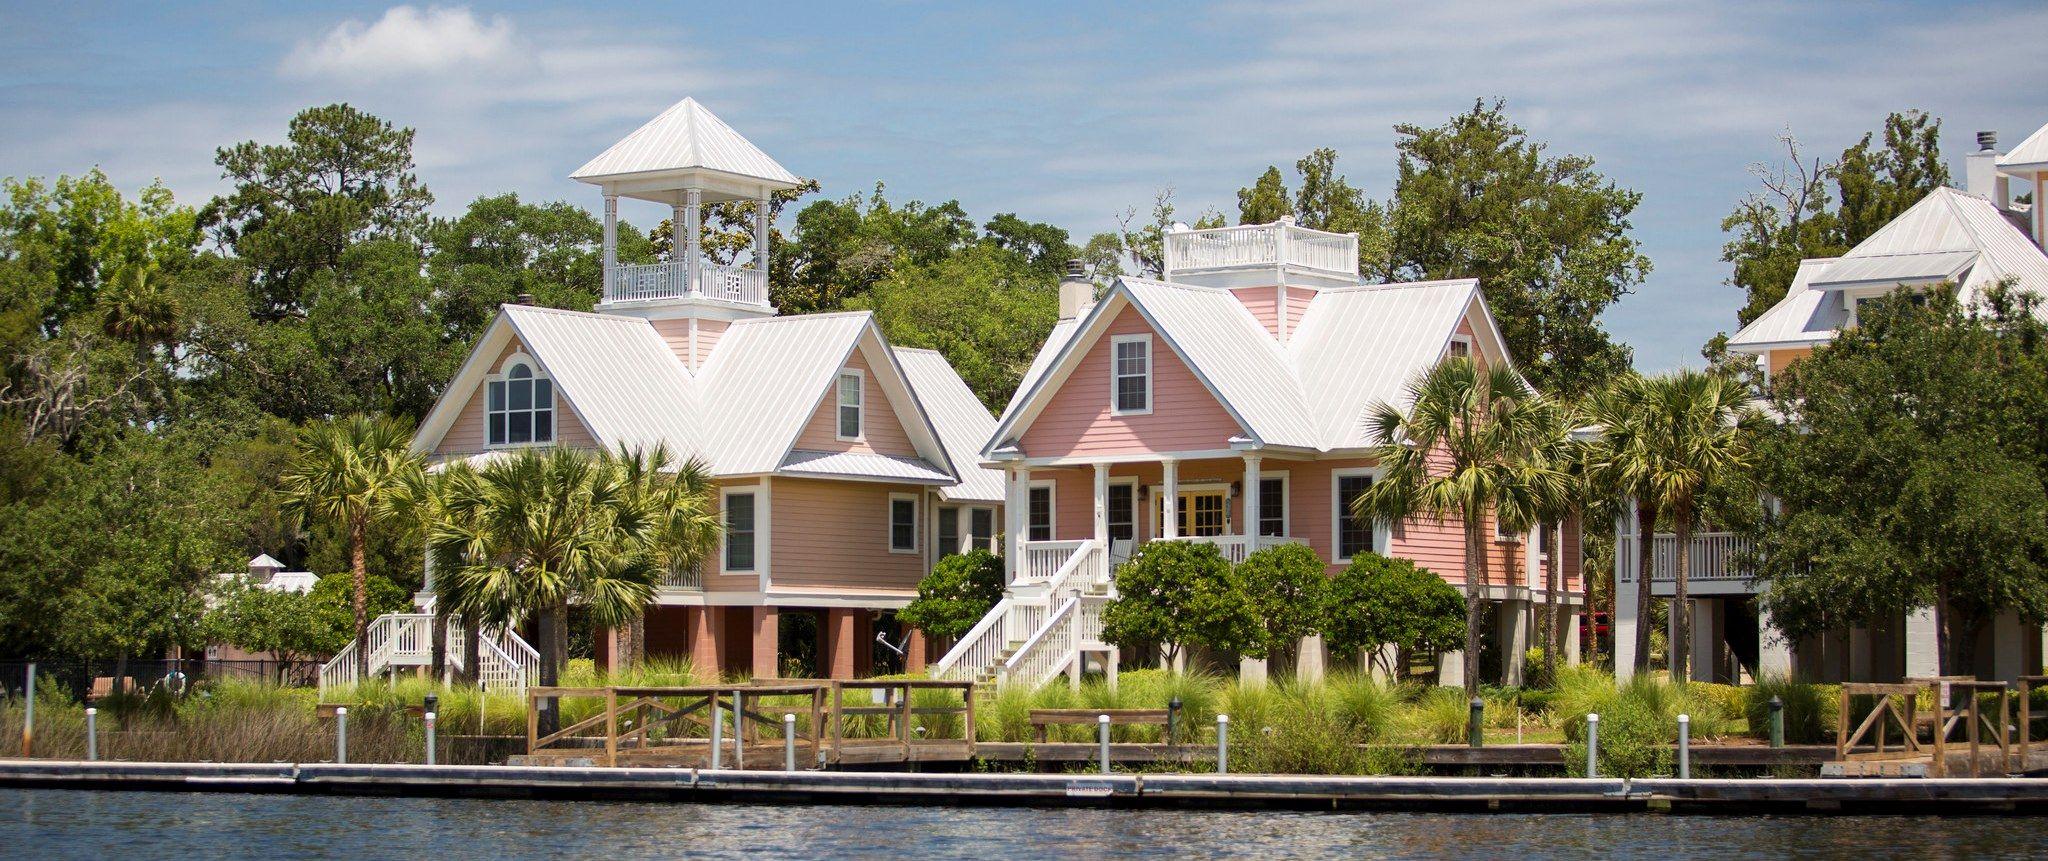 Steinhatchee Florida Things To Do Attractions In Steinhatchee